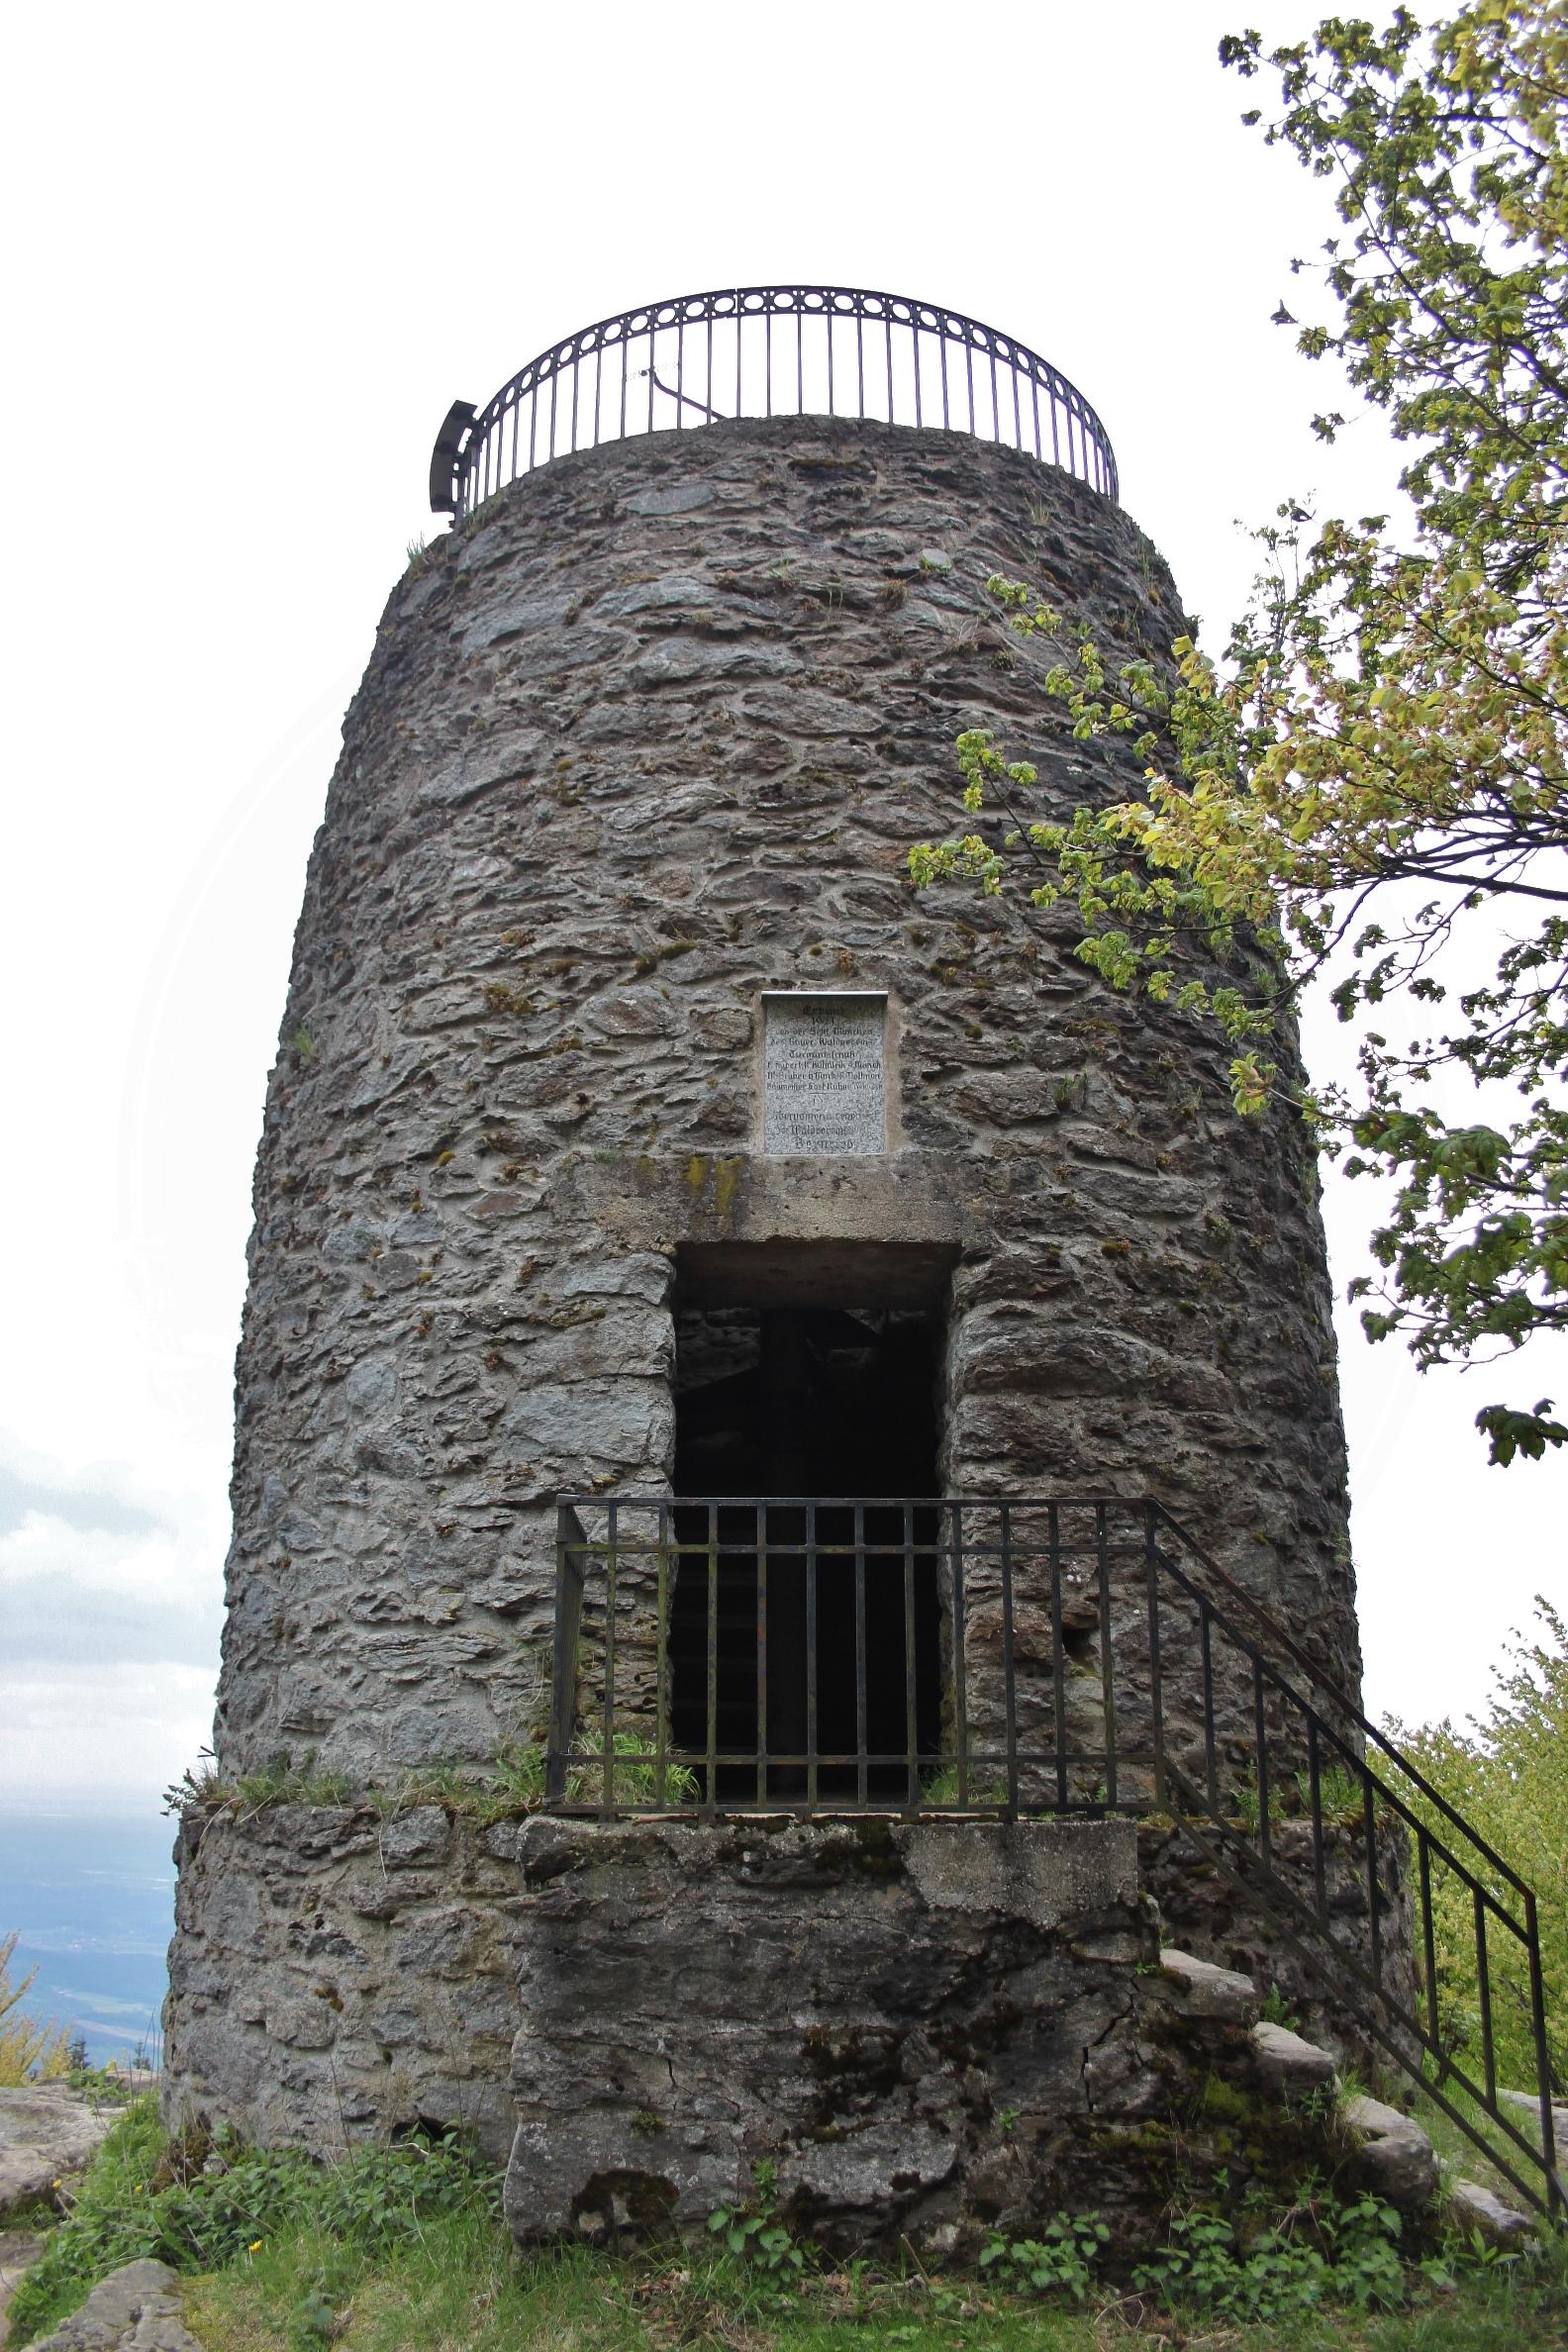 Turm auf dem Gipfel des Hirschenstein